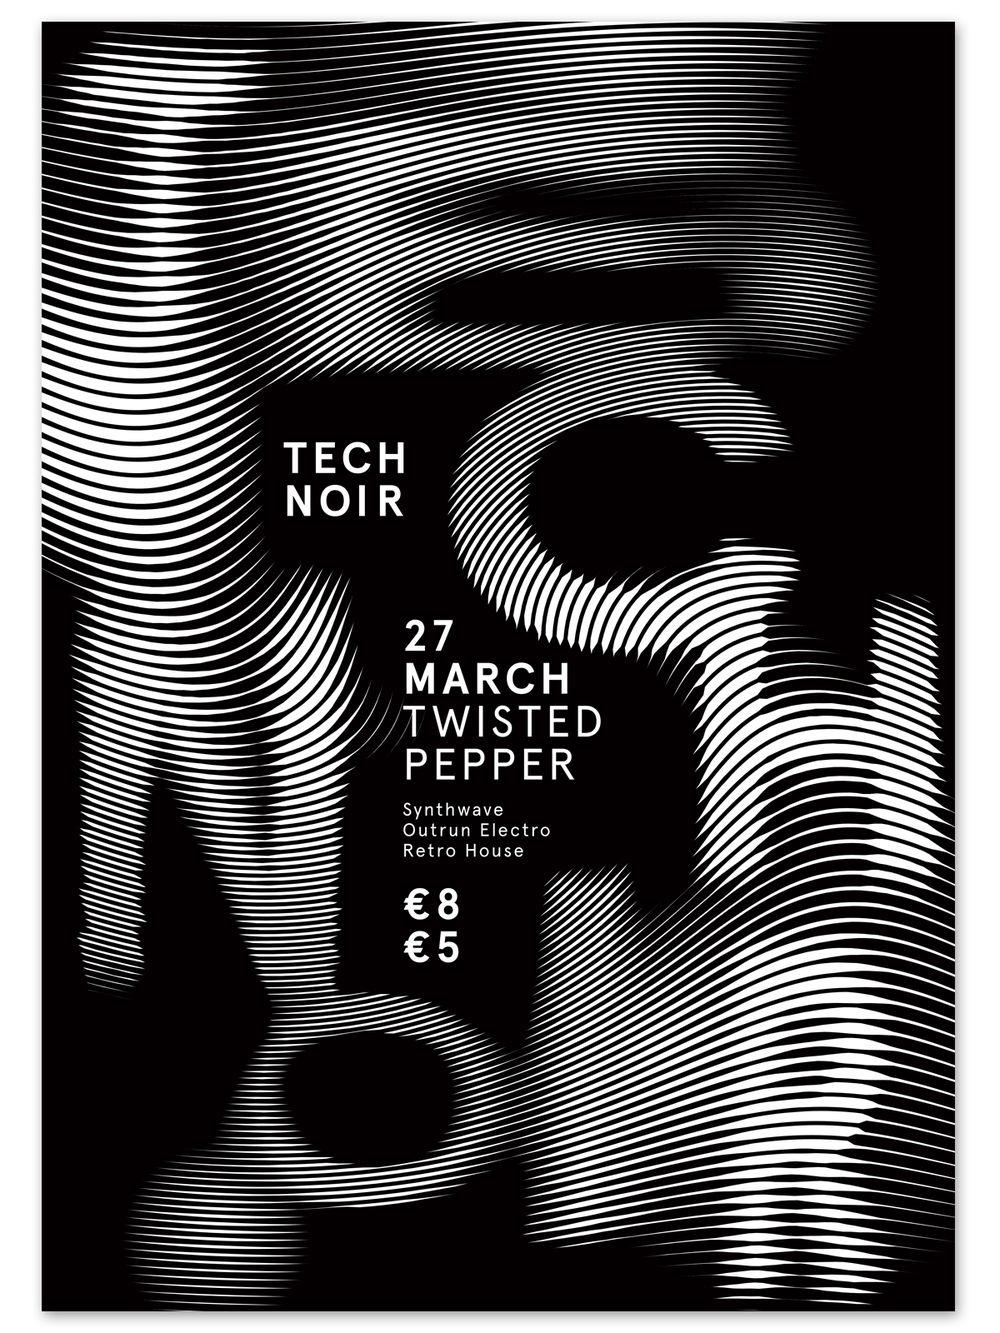 Tech Noir, Ronan Kelly